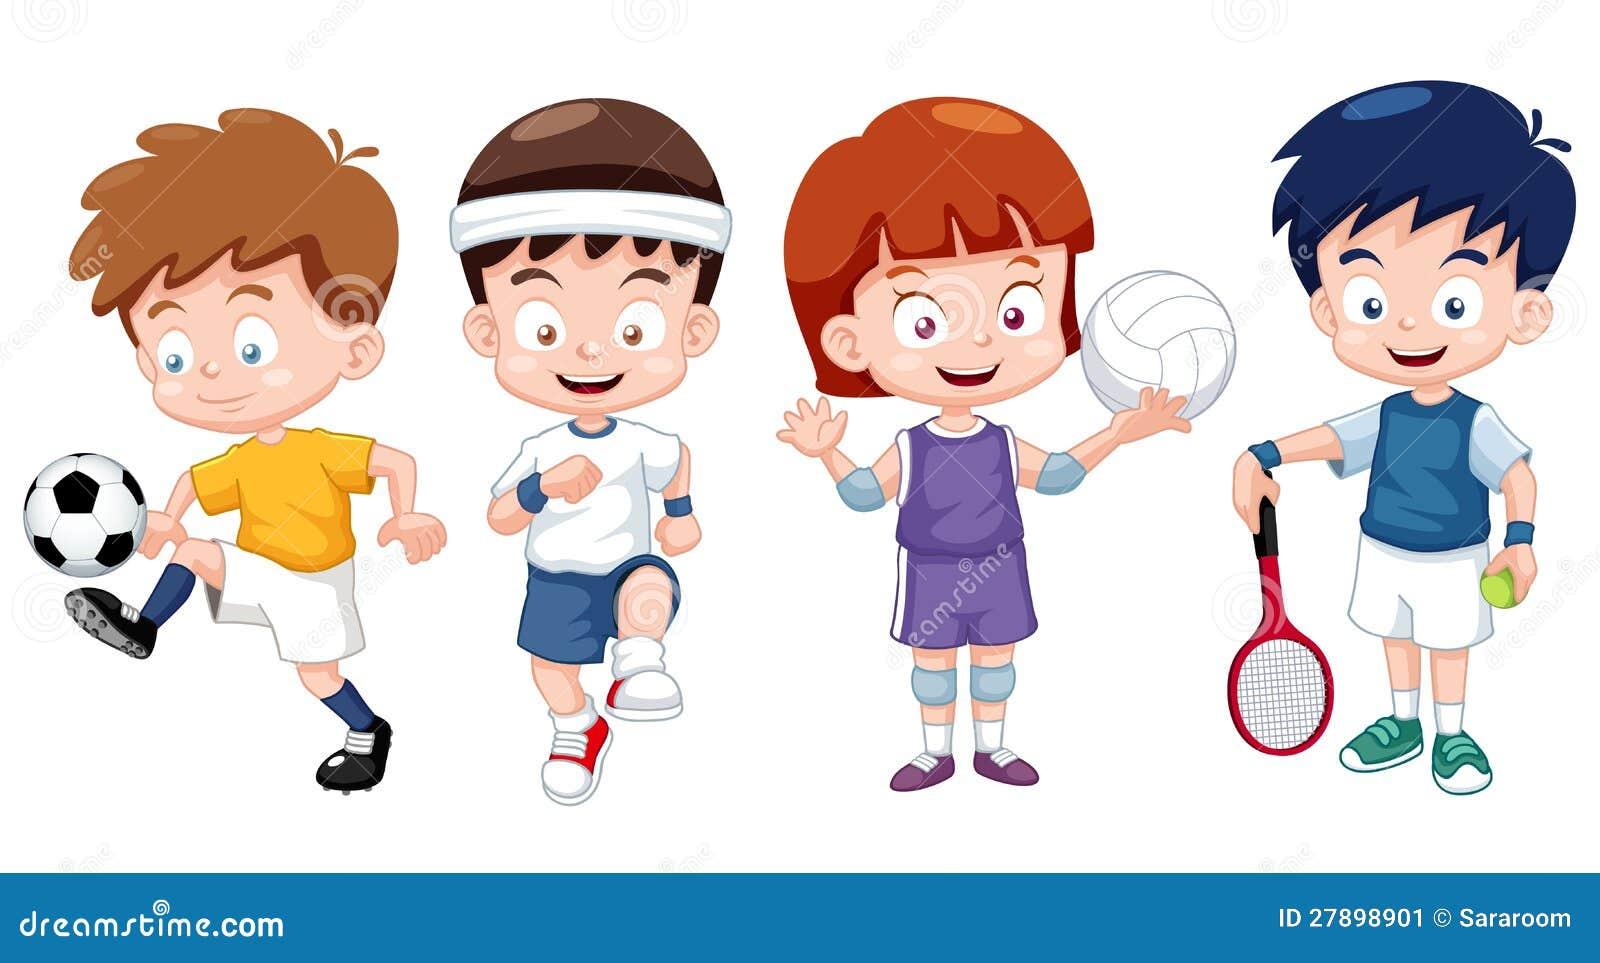 hometrainer exercise